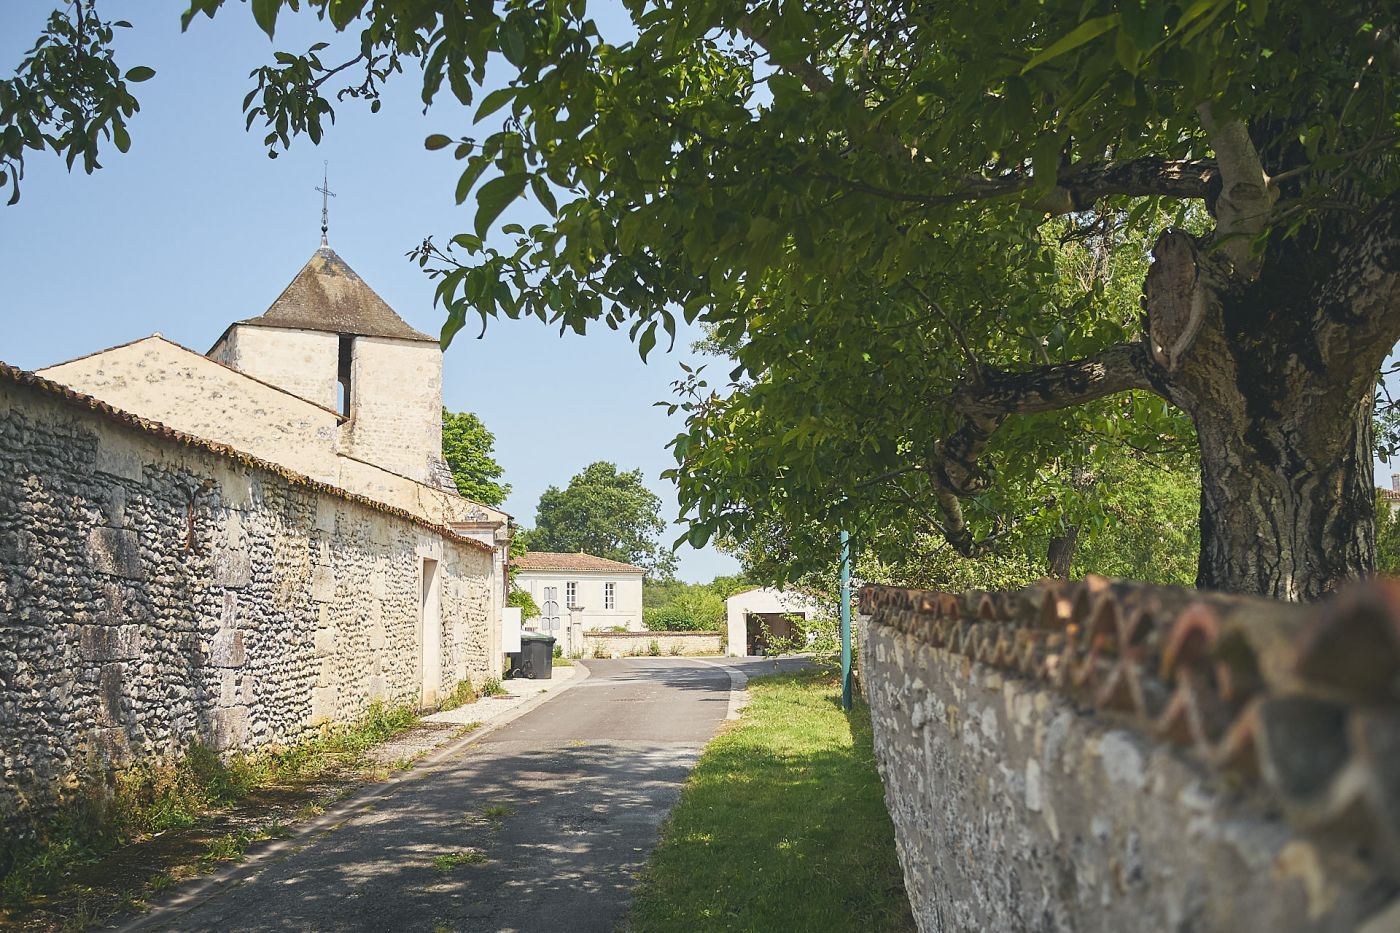 Route du Vieux Bourg, Bussac-sur-Charente